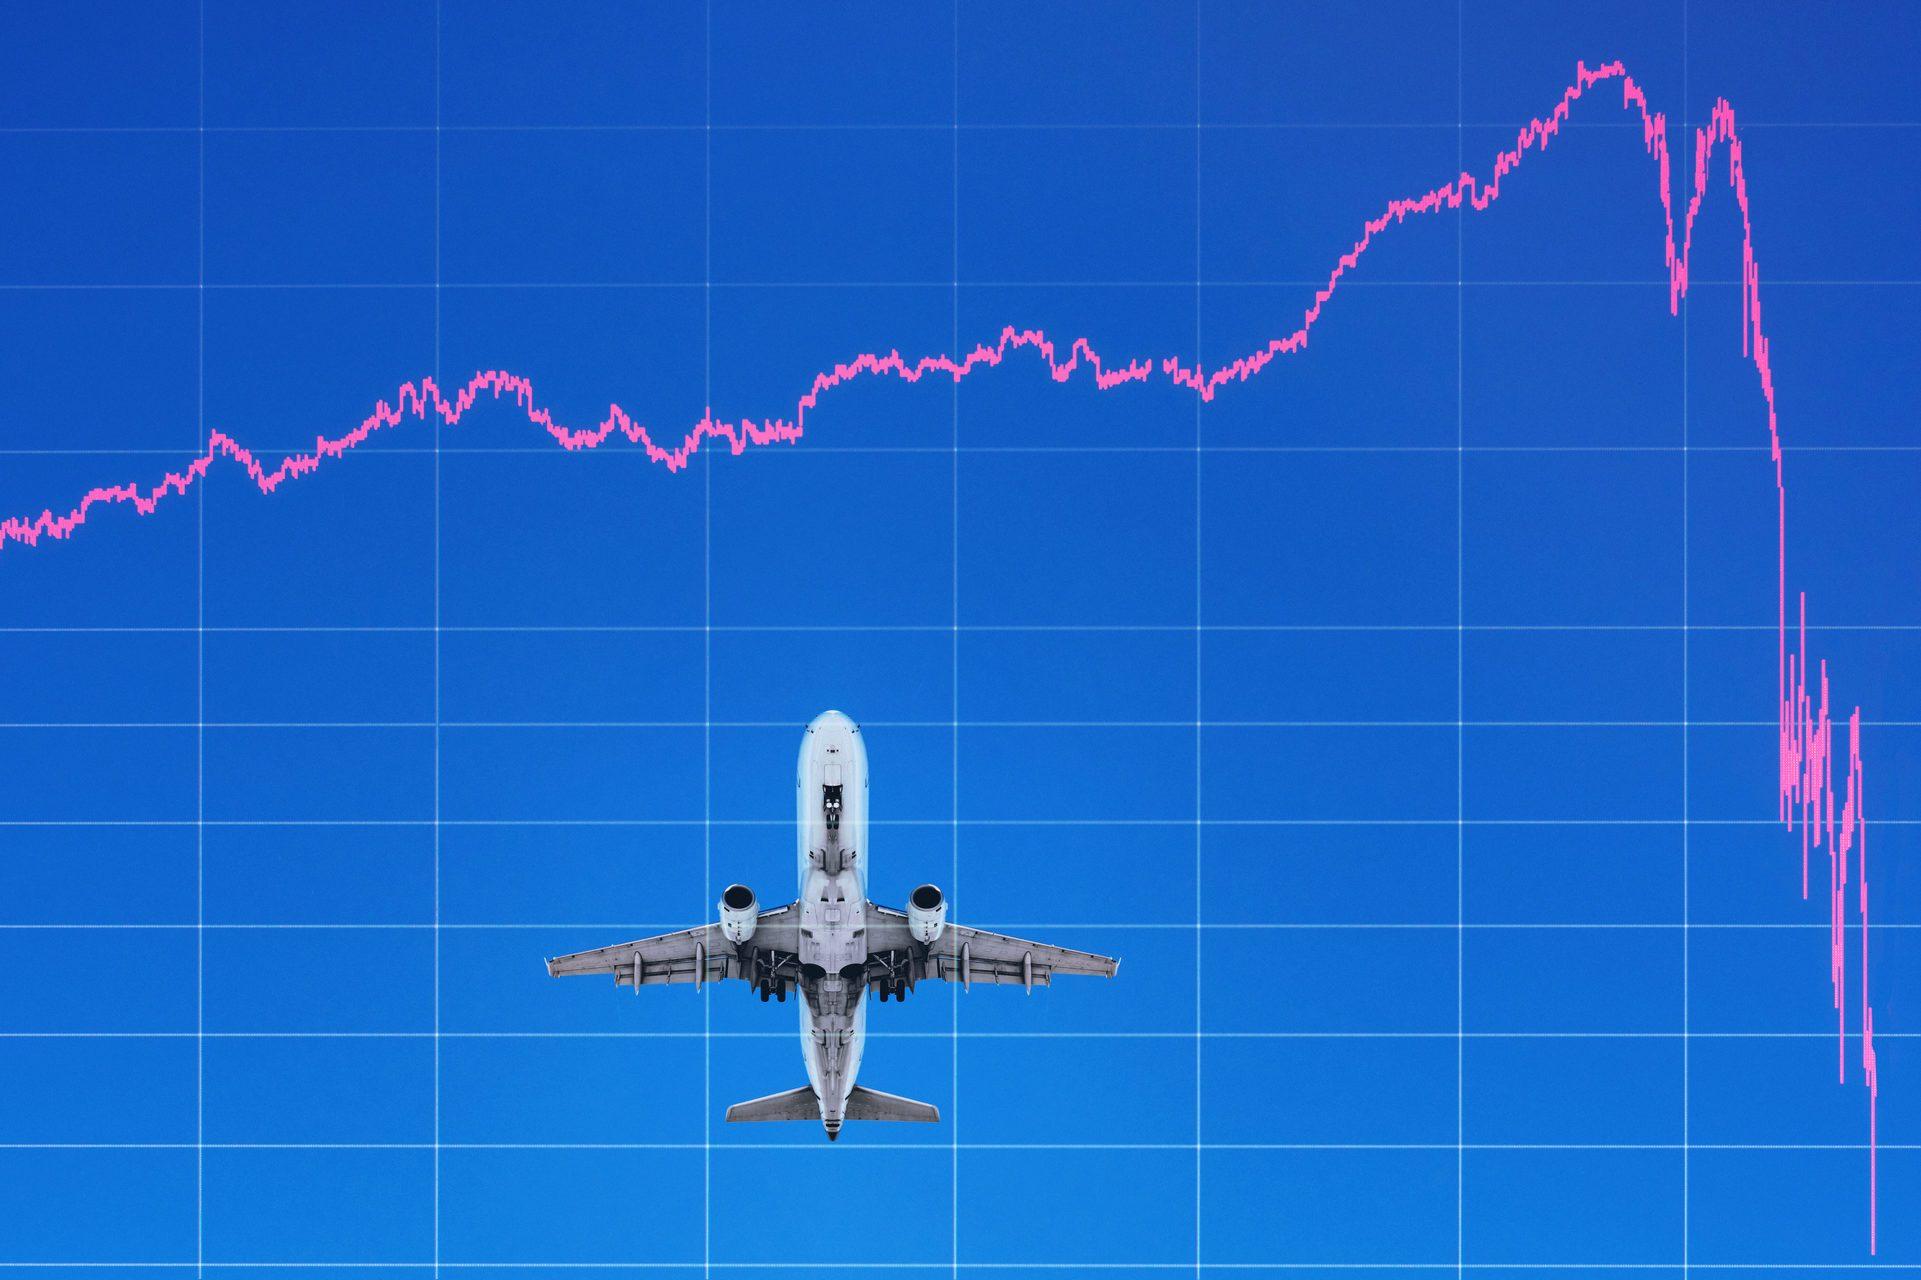 Coronavirus Market Crash - Airline Industry